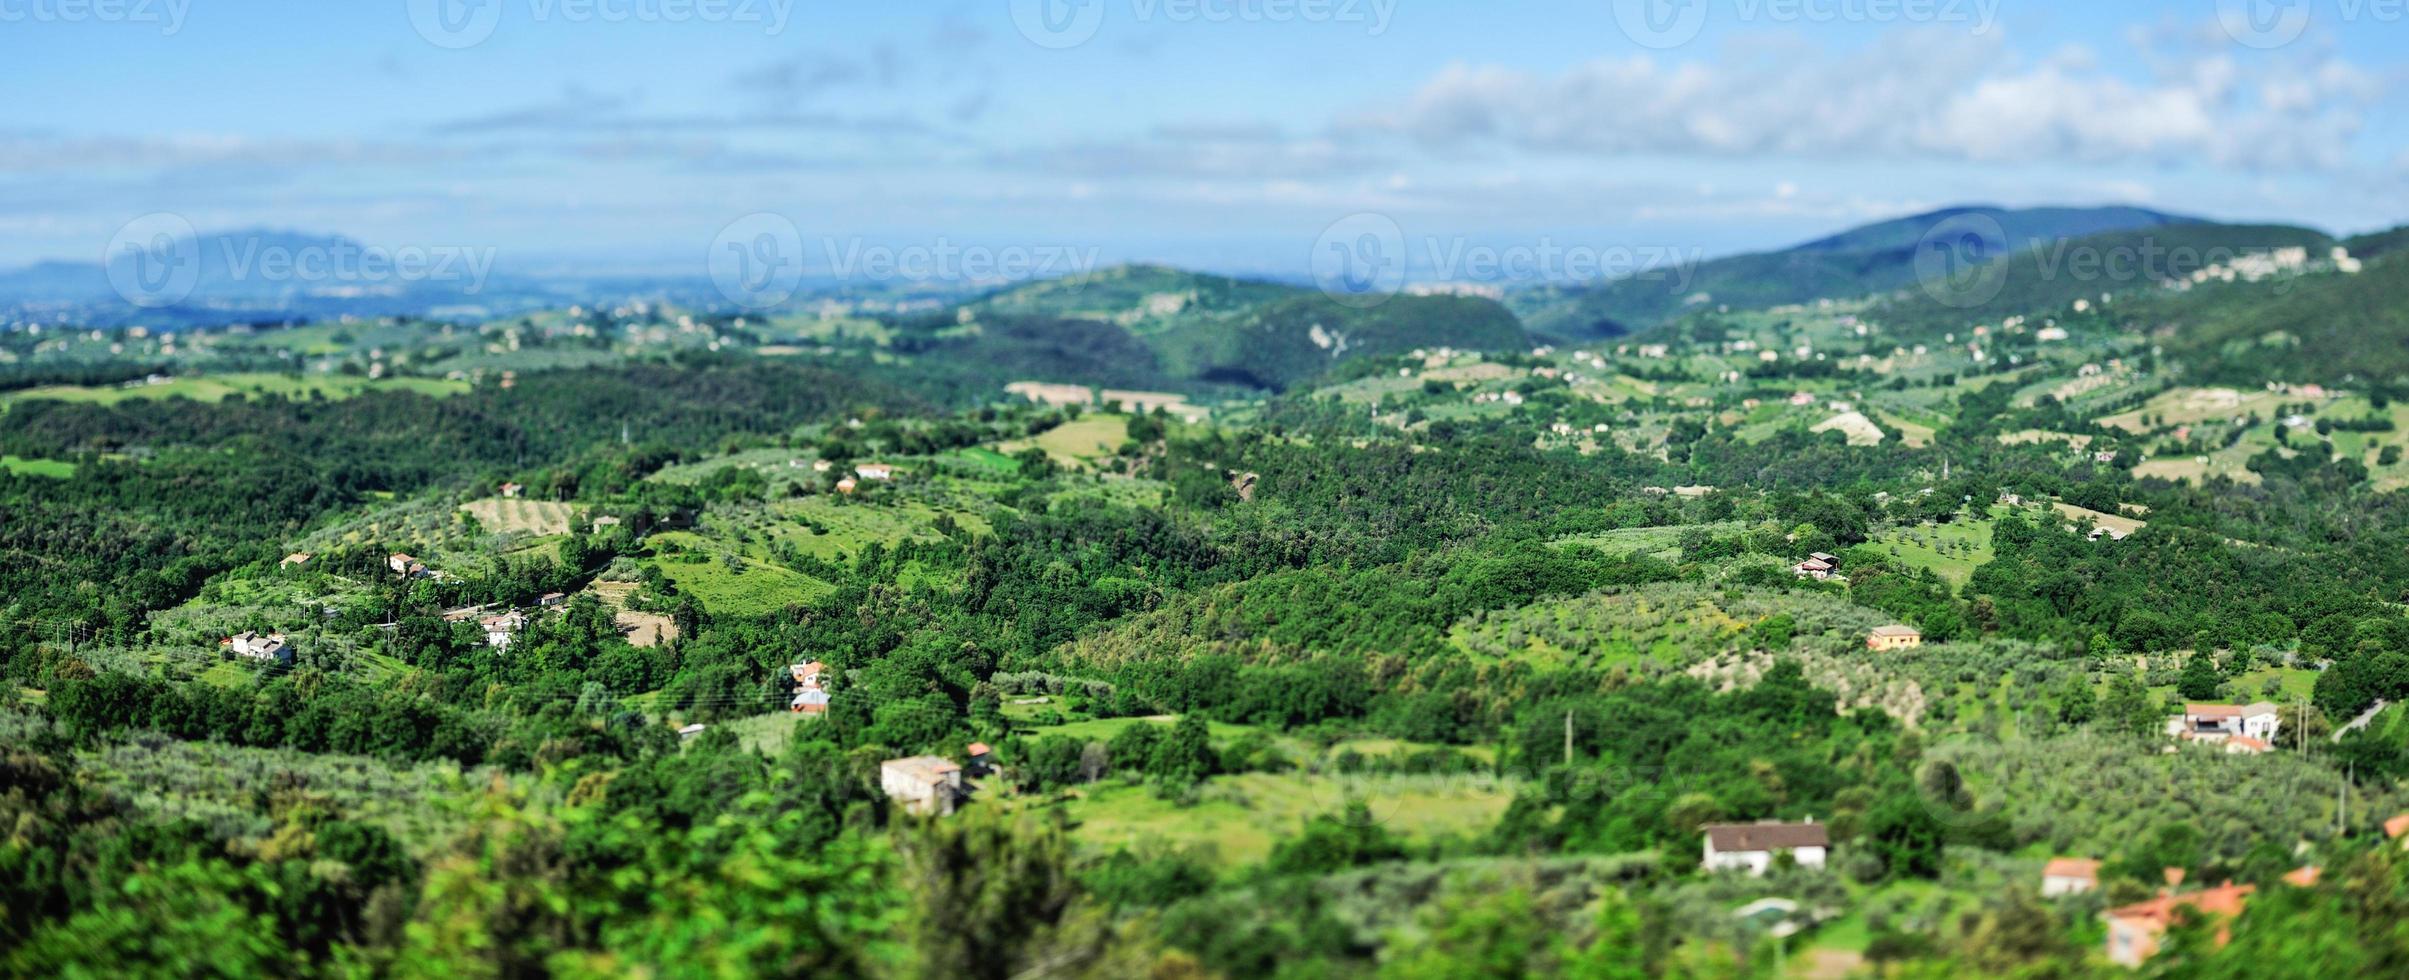 montanha do vale foto